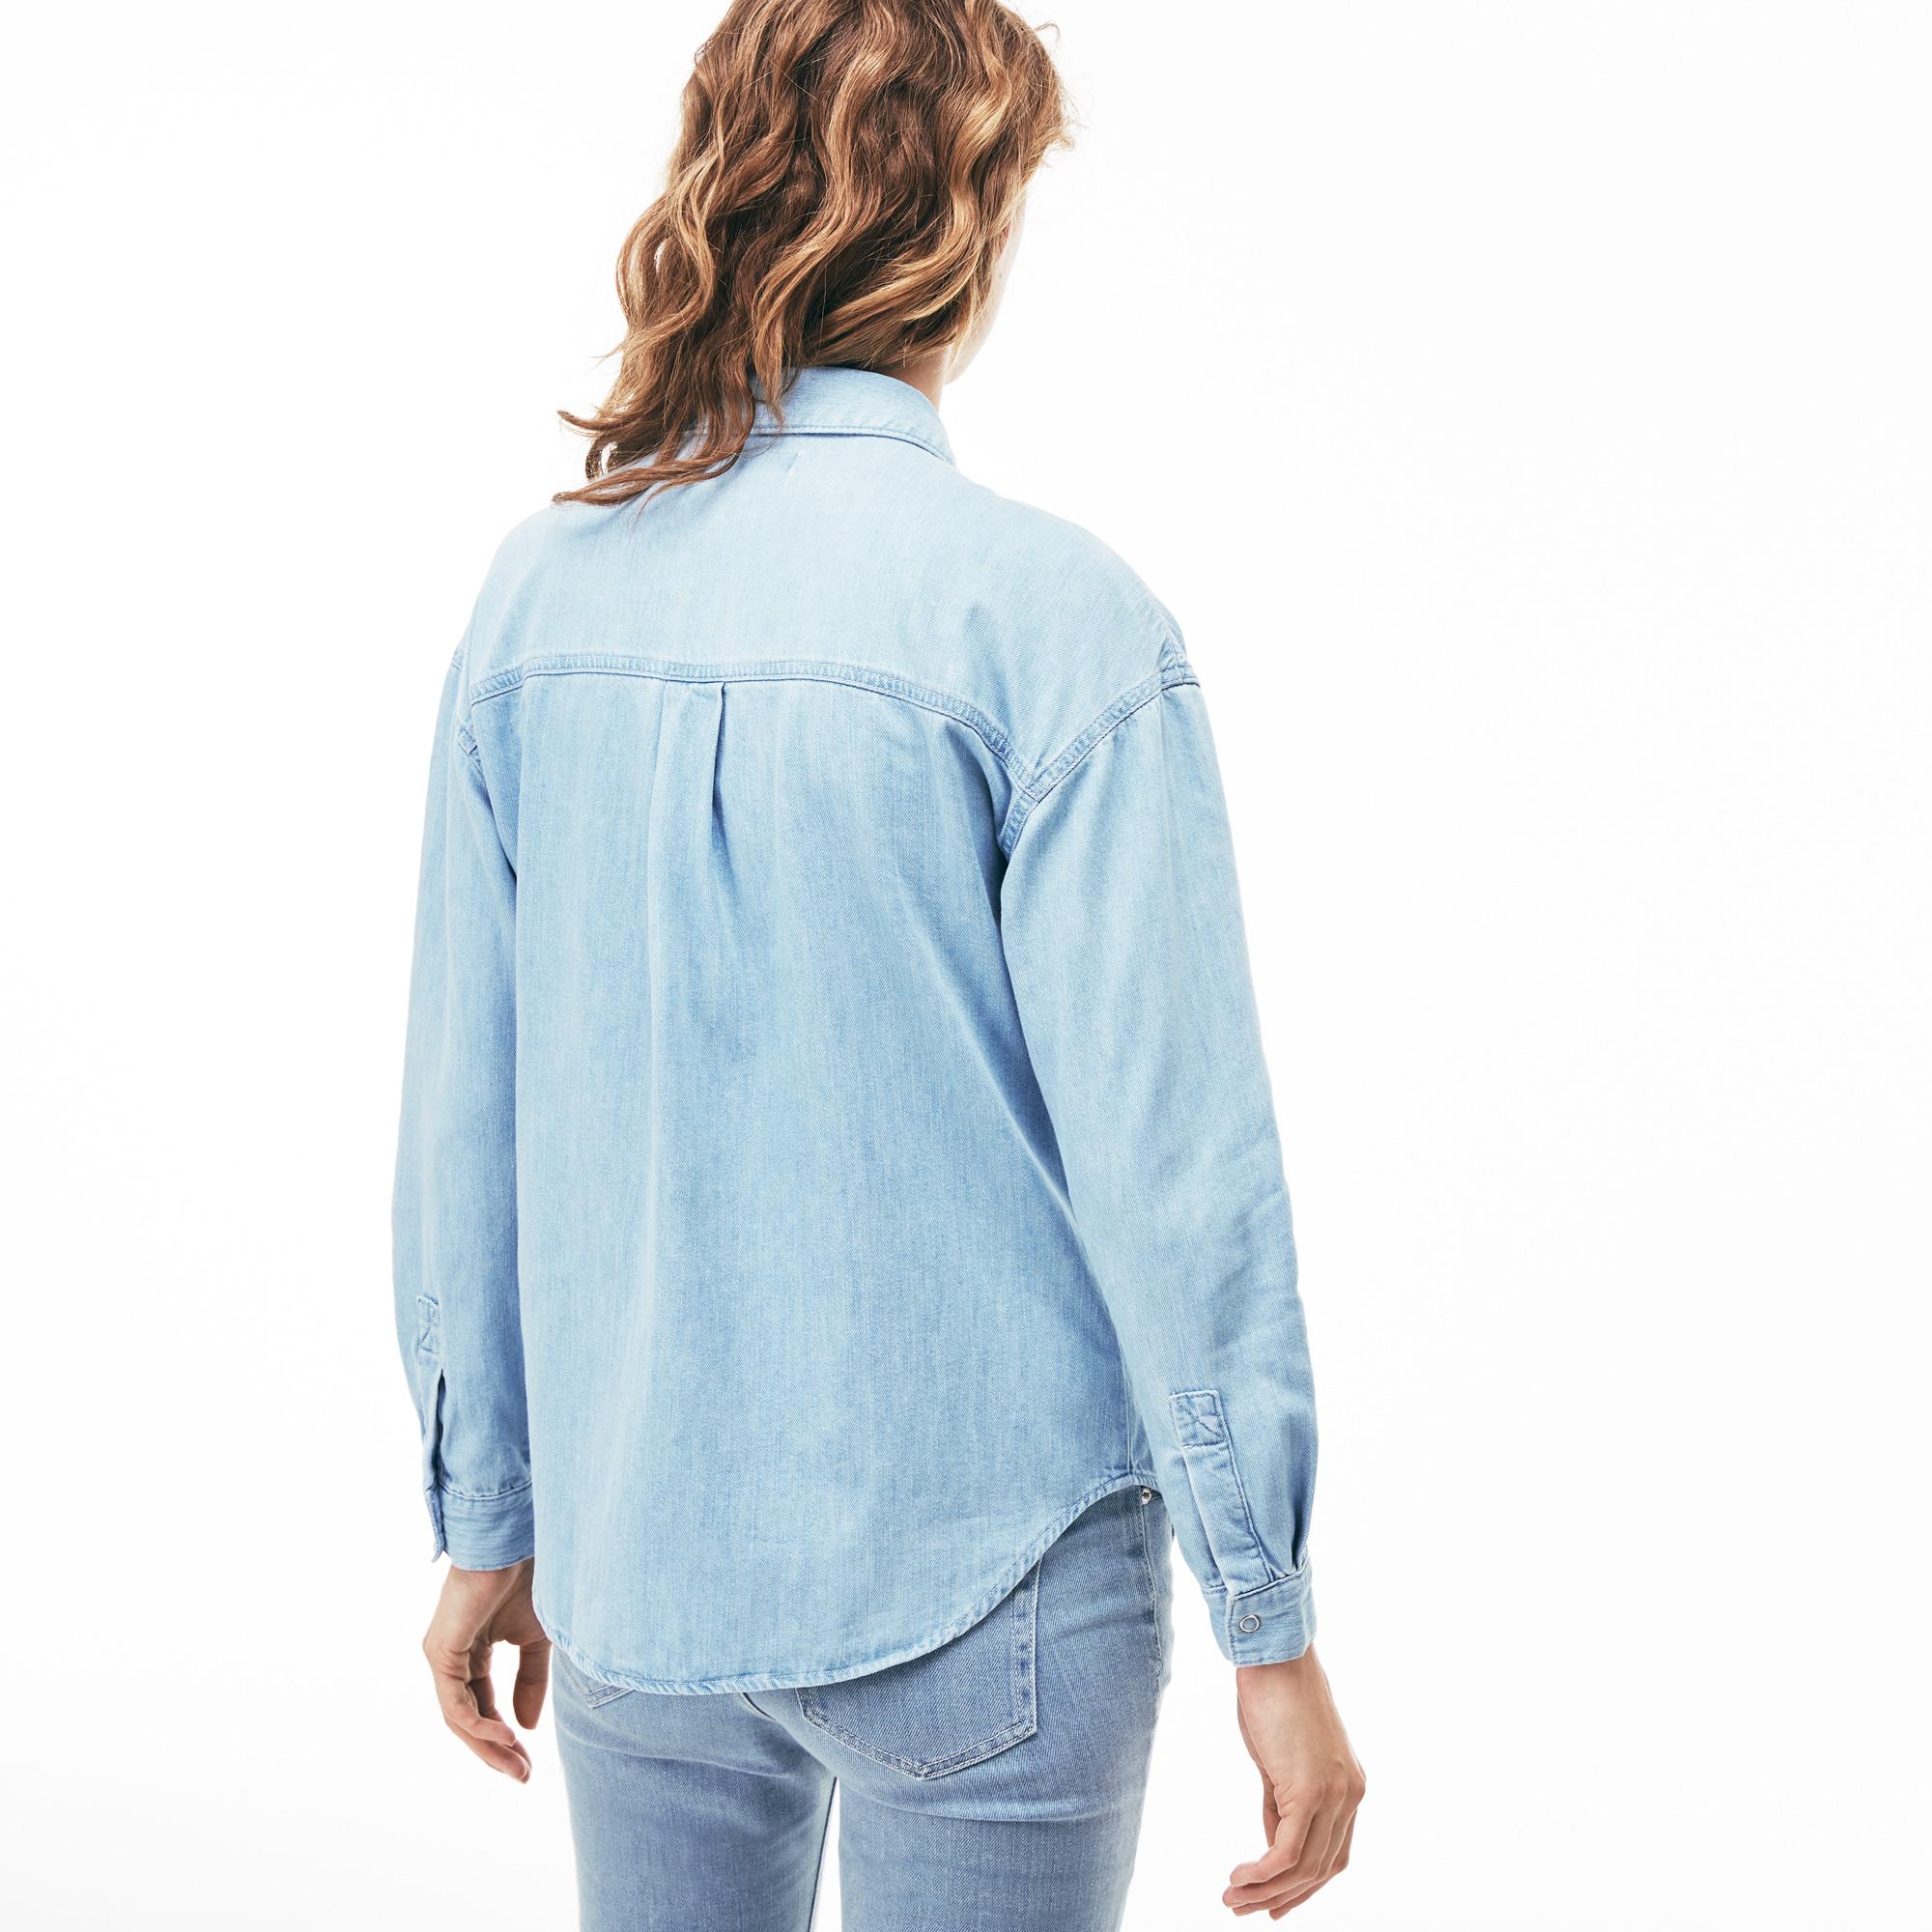 Фото 2 - Женскую рубашку Lacoste голубого цвета